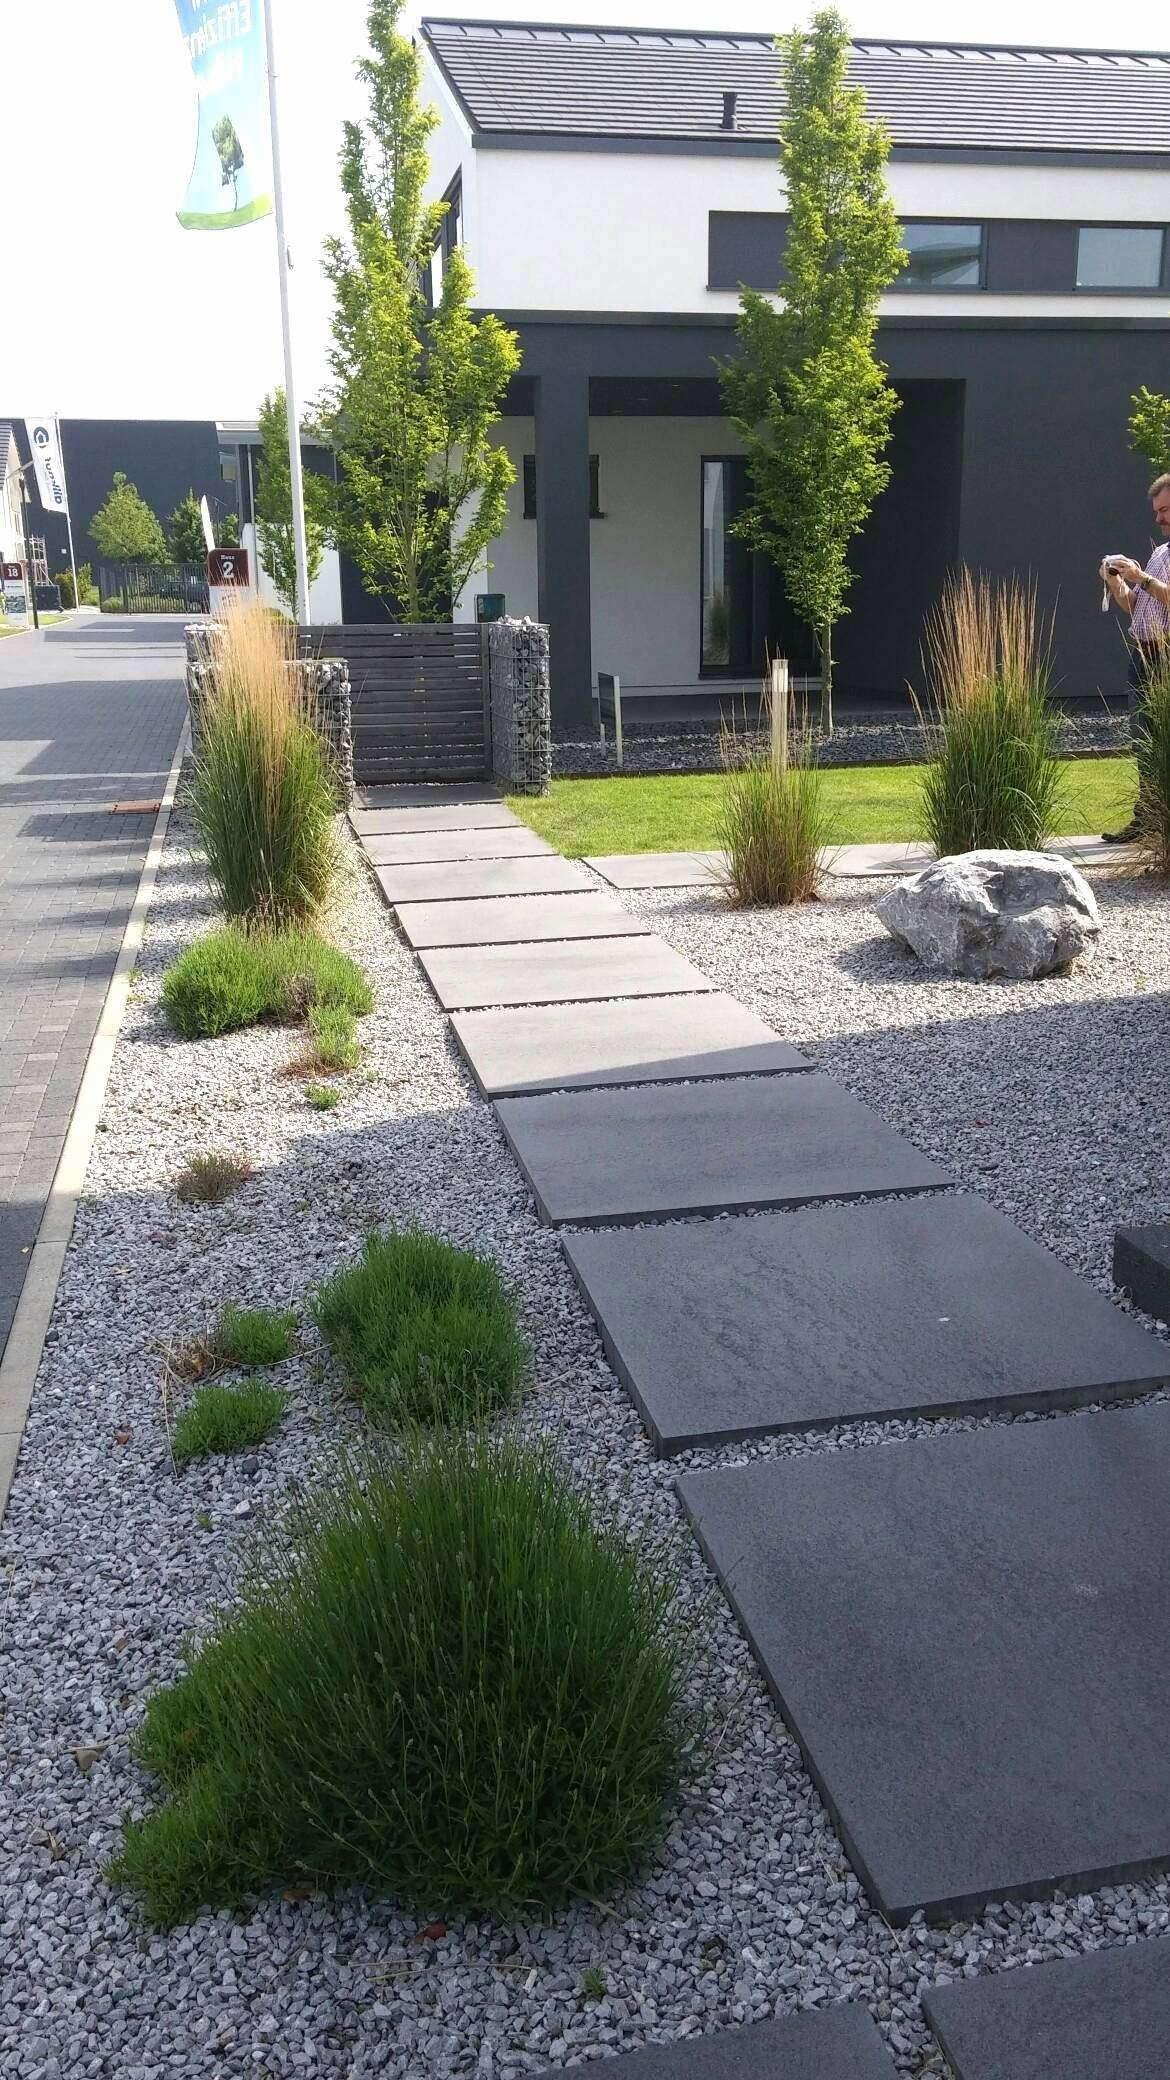 Kleingarten Gestalten Ideen Luxus 26 Genial Garten Modern Gestalten Einzigartig